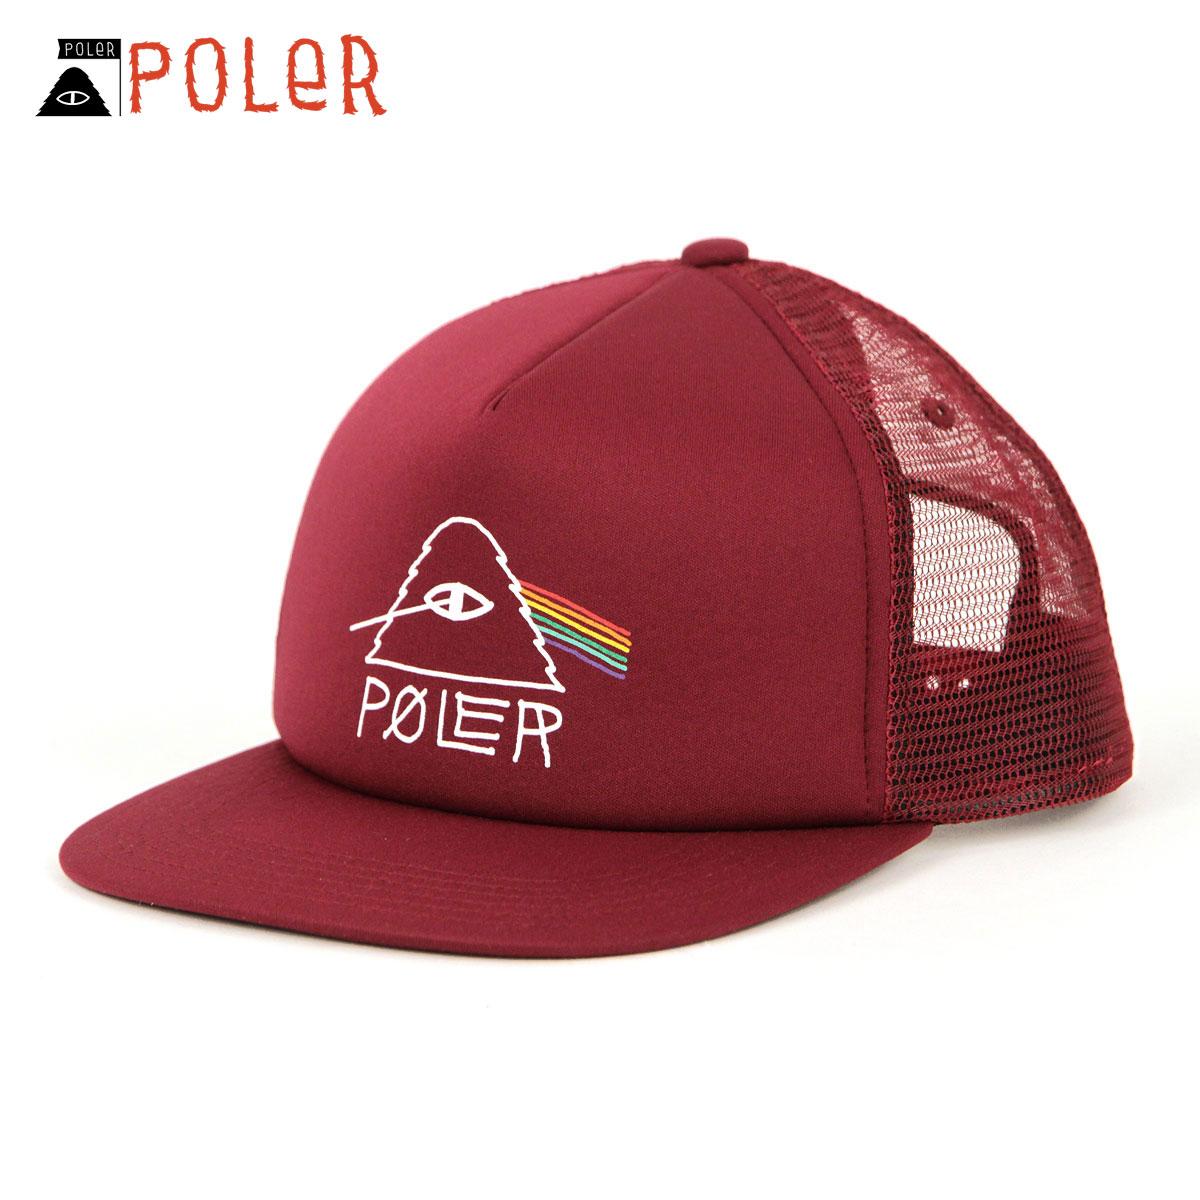 ポーラー キャップ メンズ レディース 正規販売店 POLER 帽子 メッシュキャップ PSYCHEDELIC MESH TRUCKER CAP 55100004-WIN WINE A79B B3C C3D D4E E11F